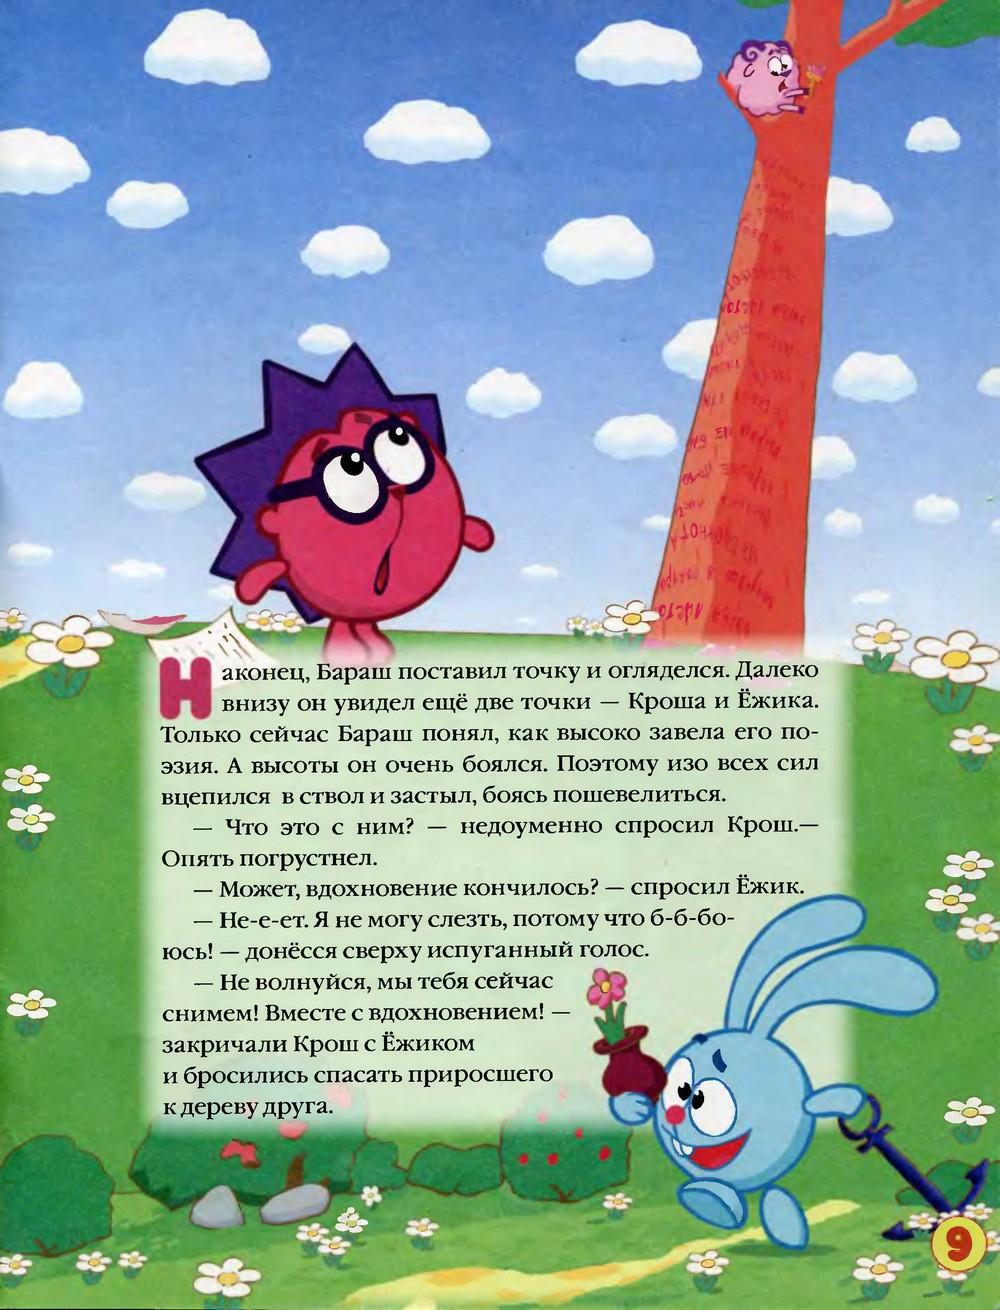 http://i1.imageban.ru/out/2013/11/25/4075d78438636f14ff731a989eb07c61.jpg